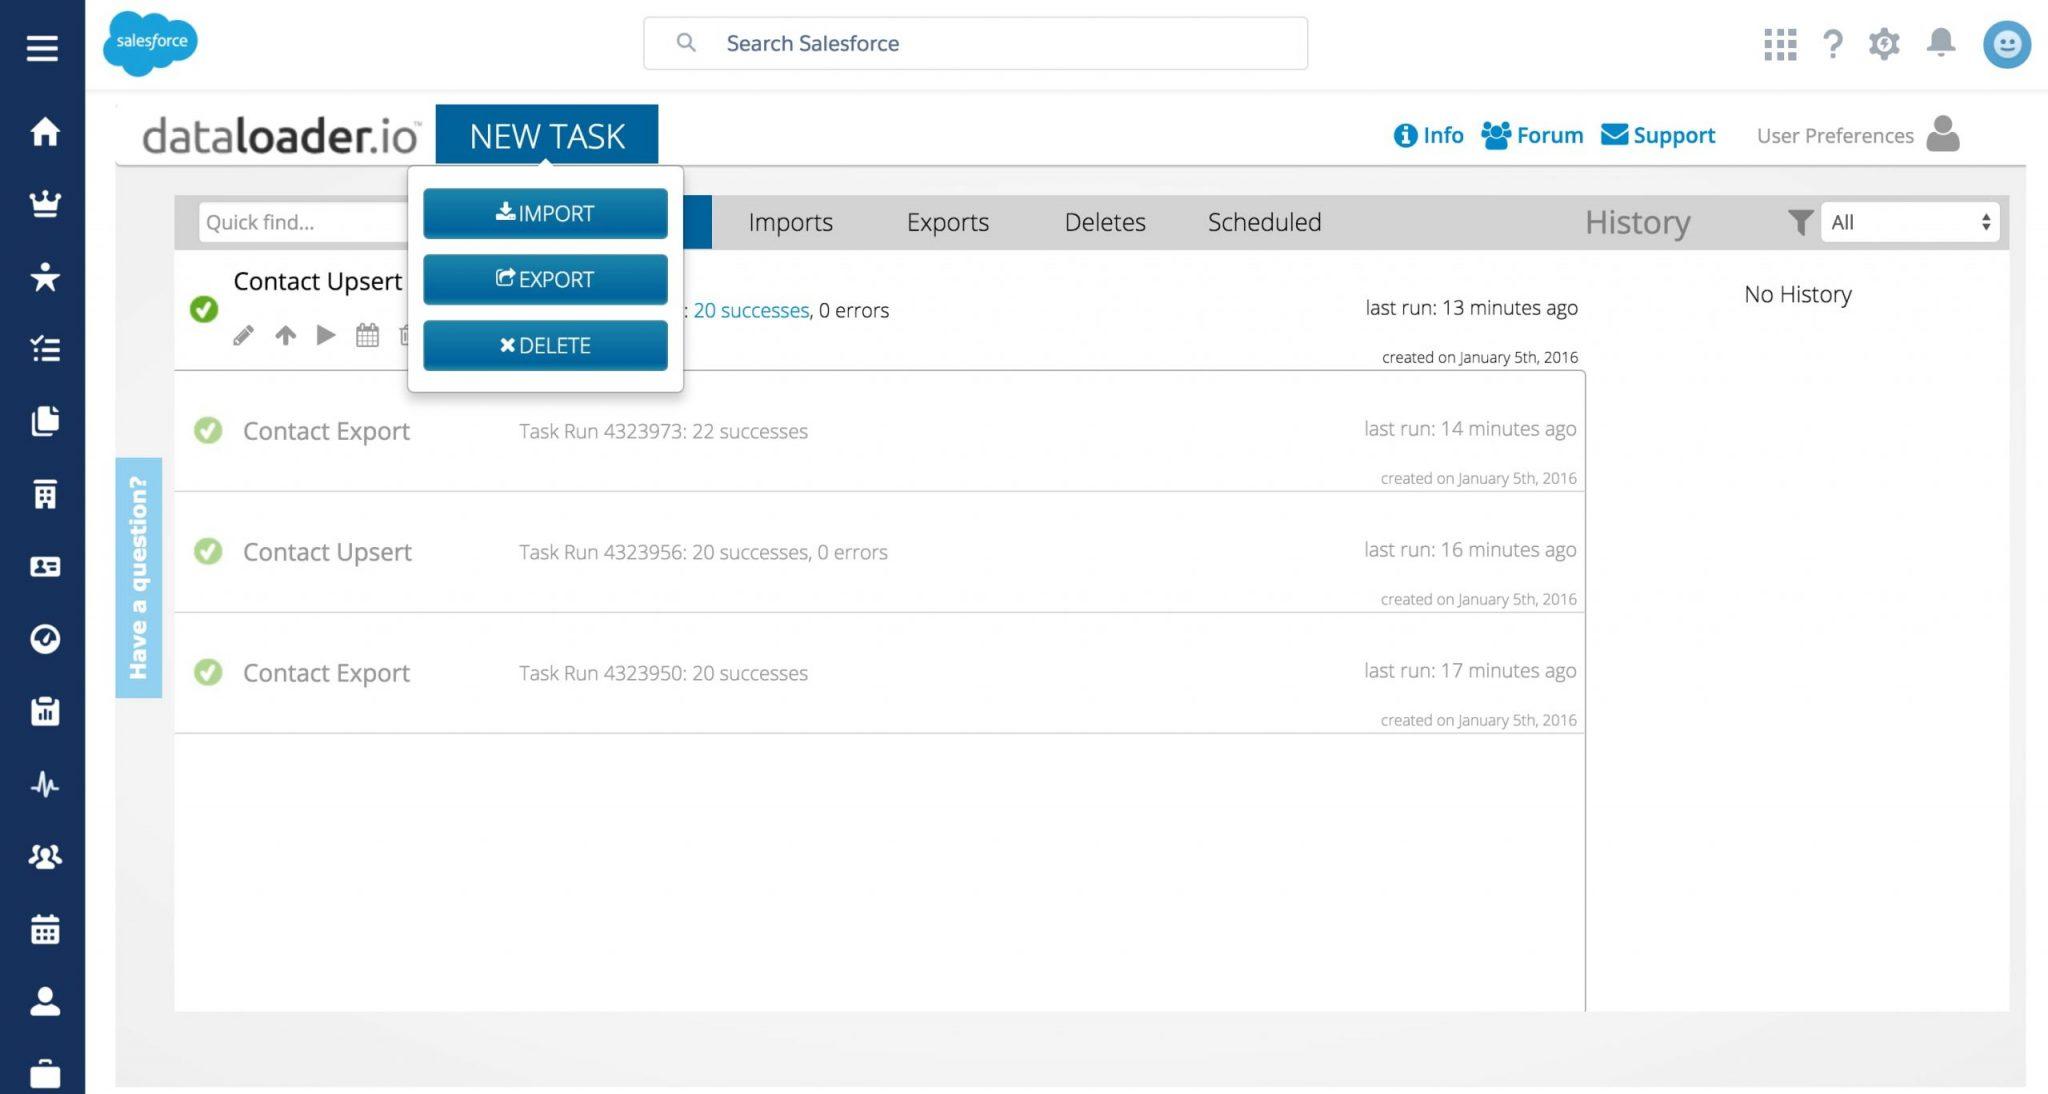 Salesforce data loader app